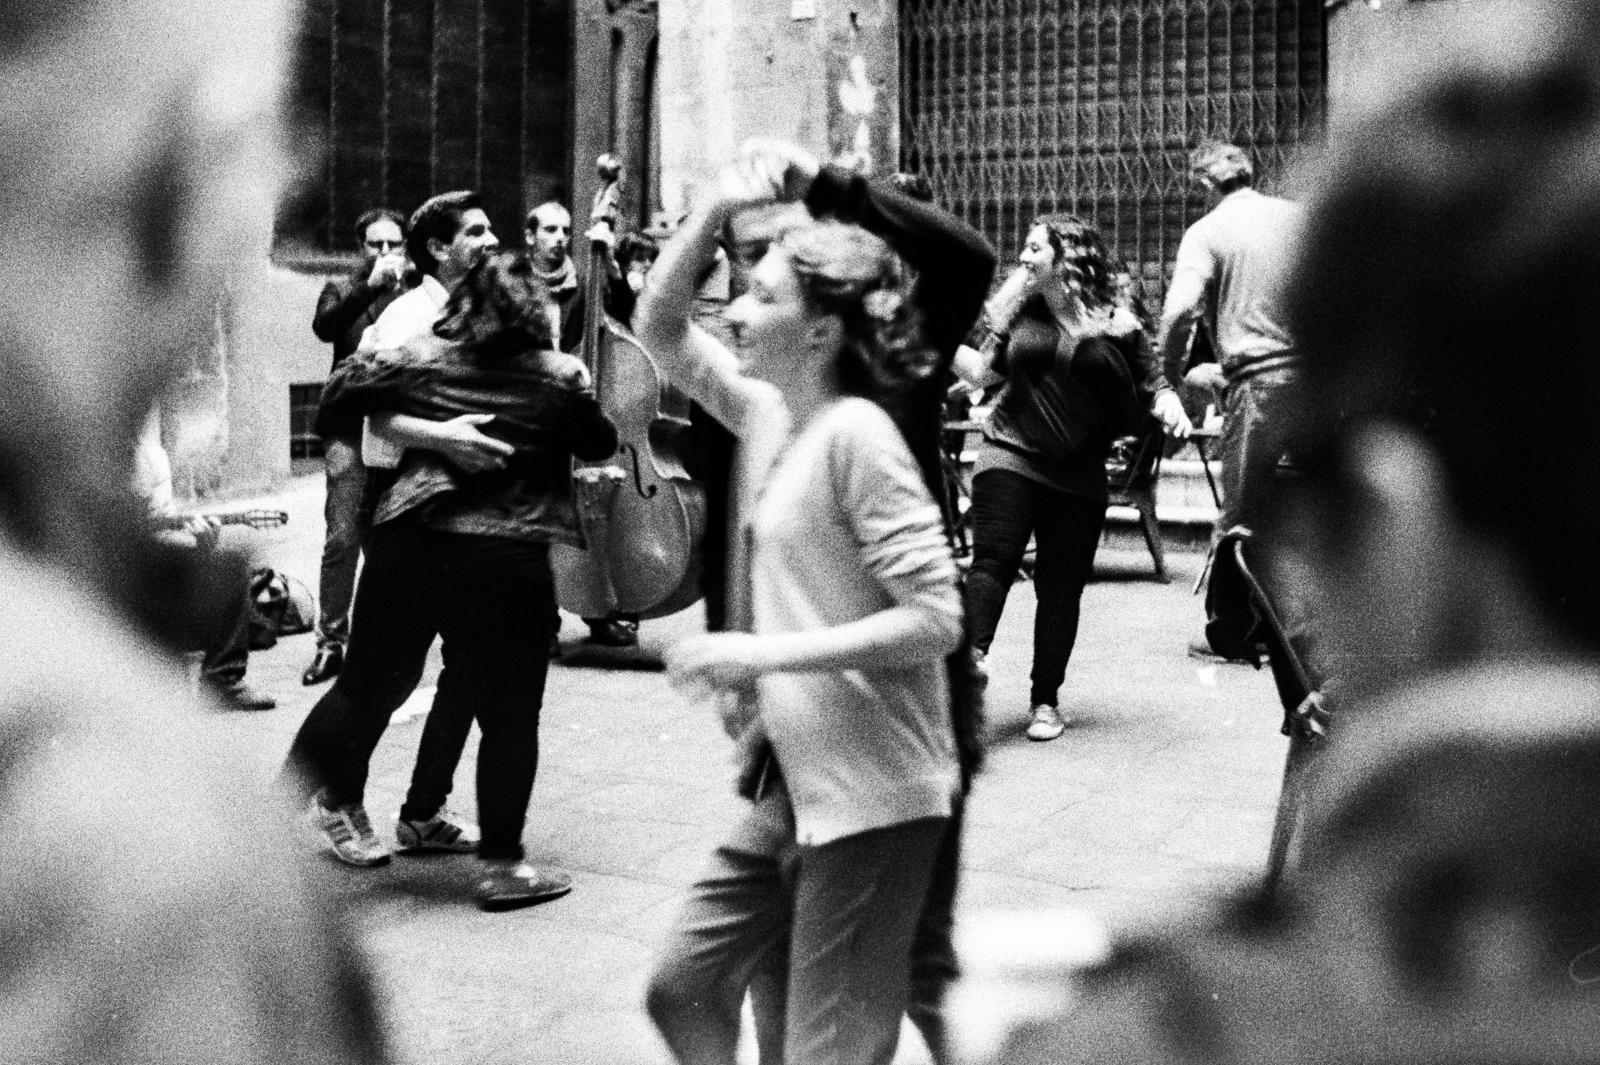 Swing dance in the street